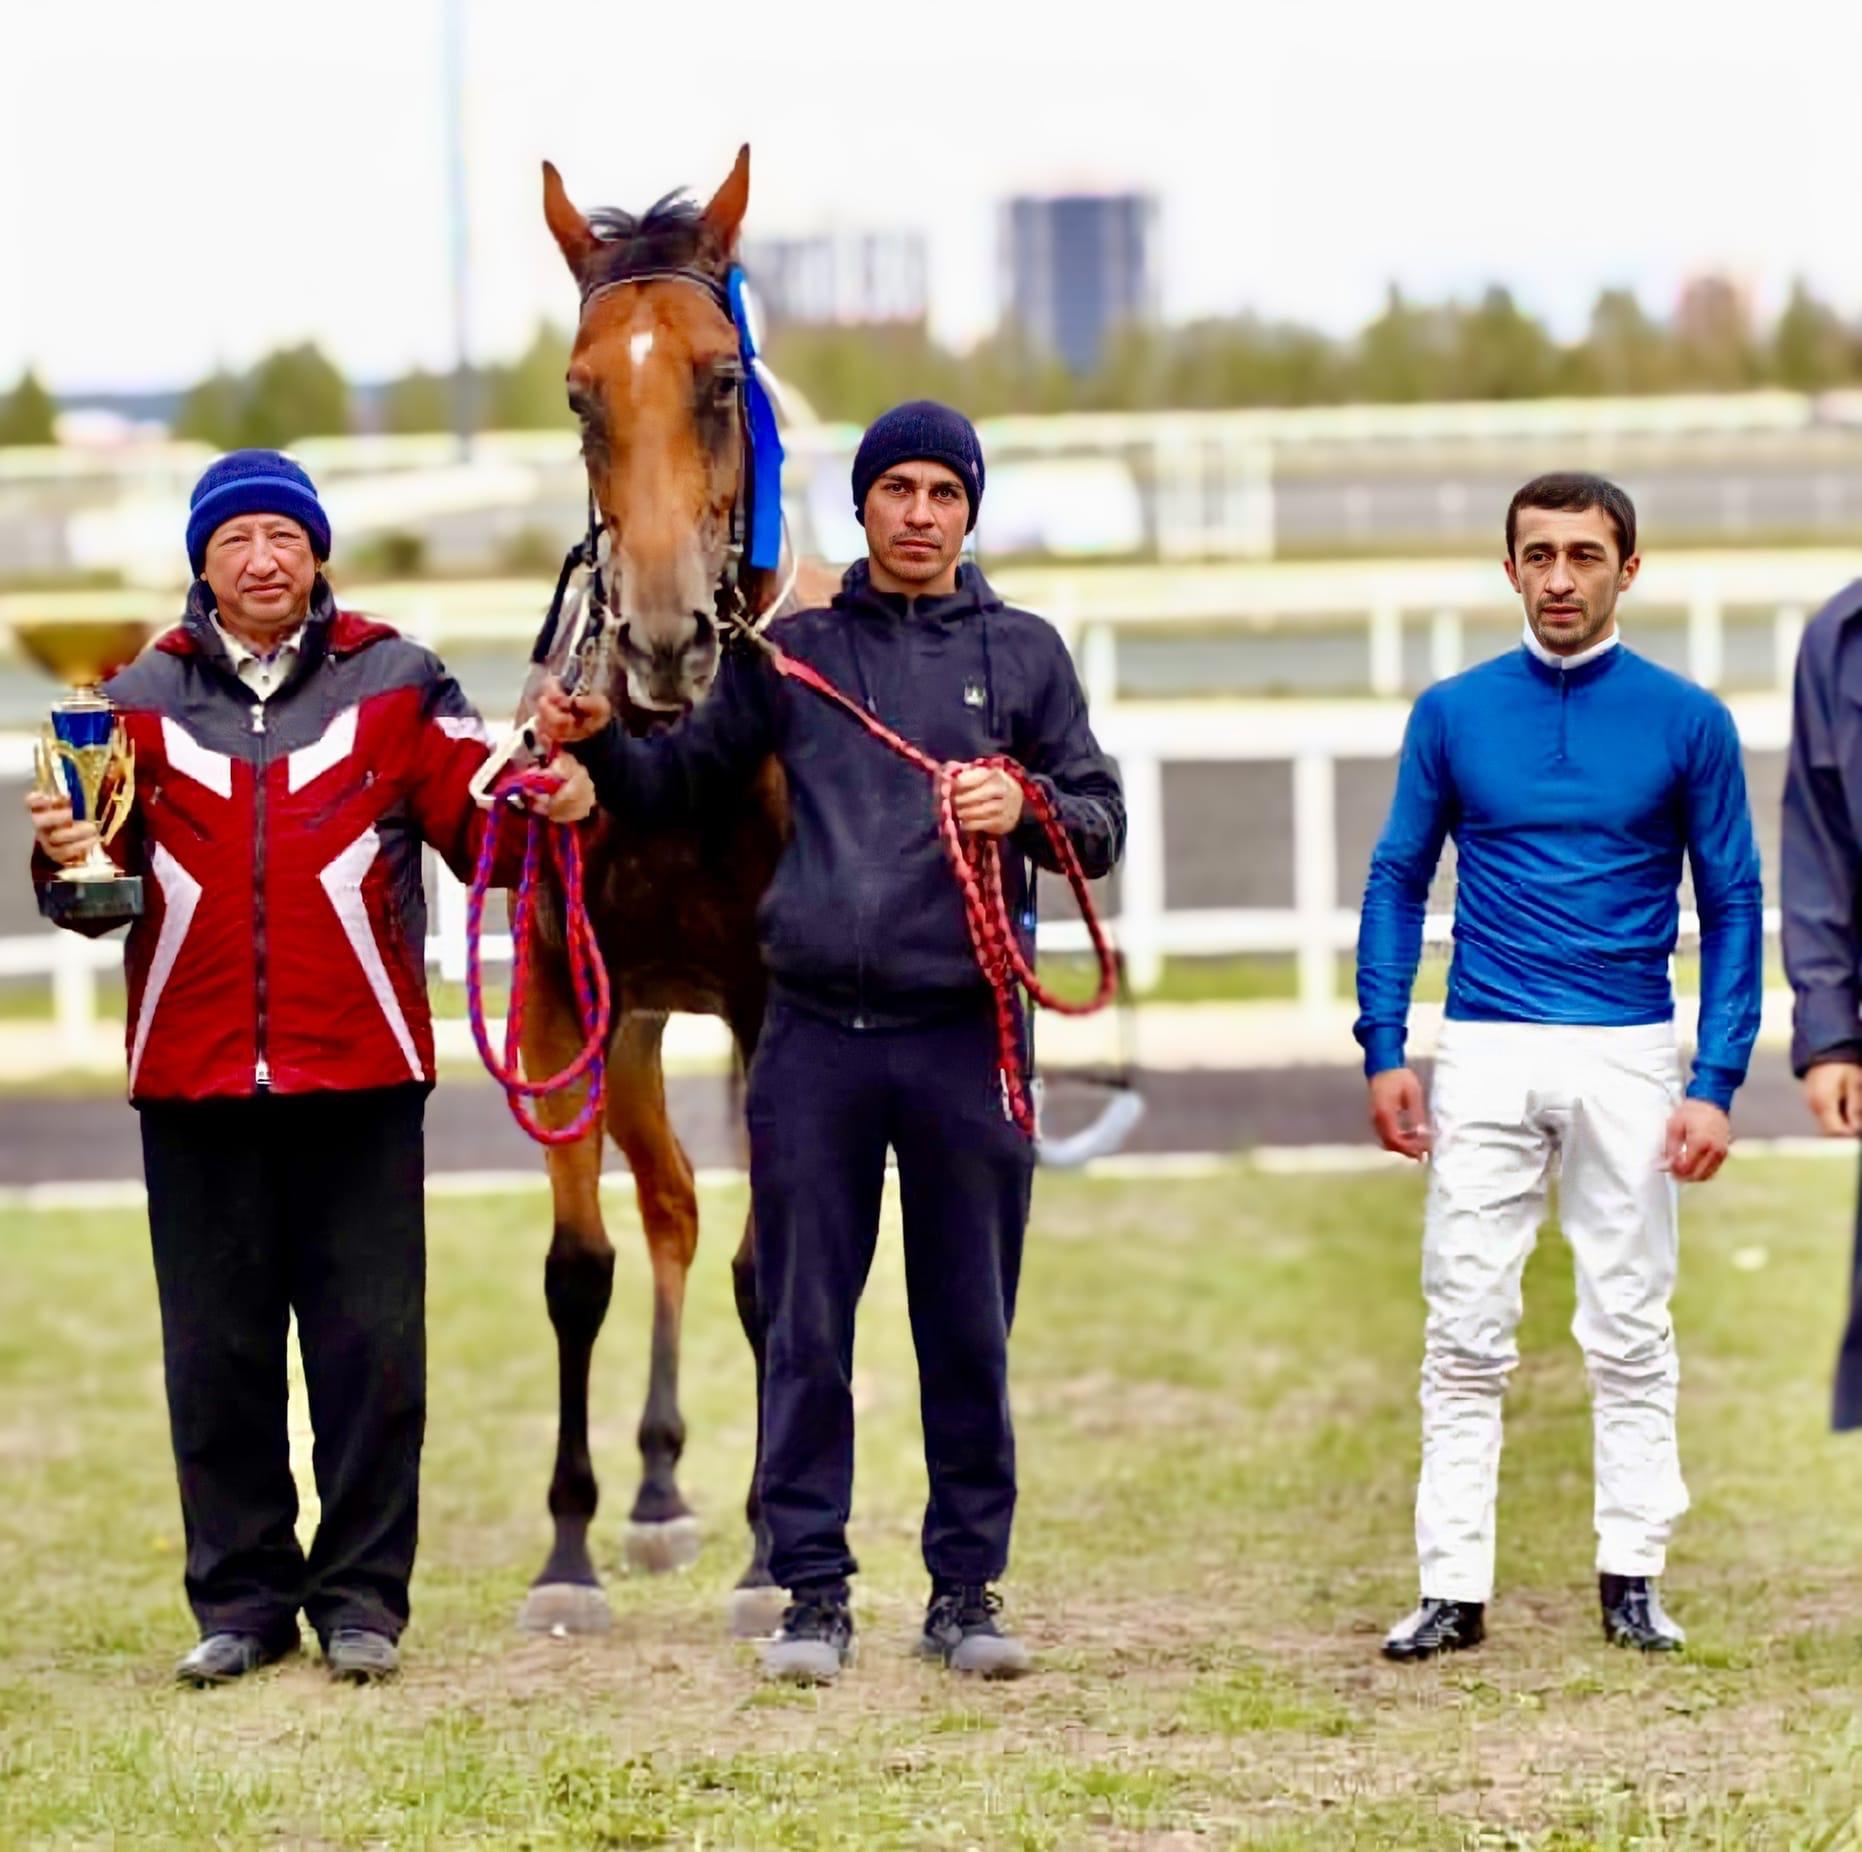 Лошади можгинца Гарифуллина Радика Мансуровича в очередной раз заняли первые места в скачках на Международном конно-спортивном комплексе «Казань»!